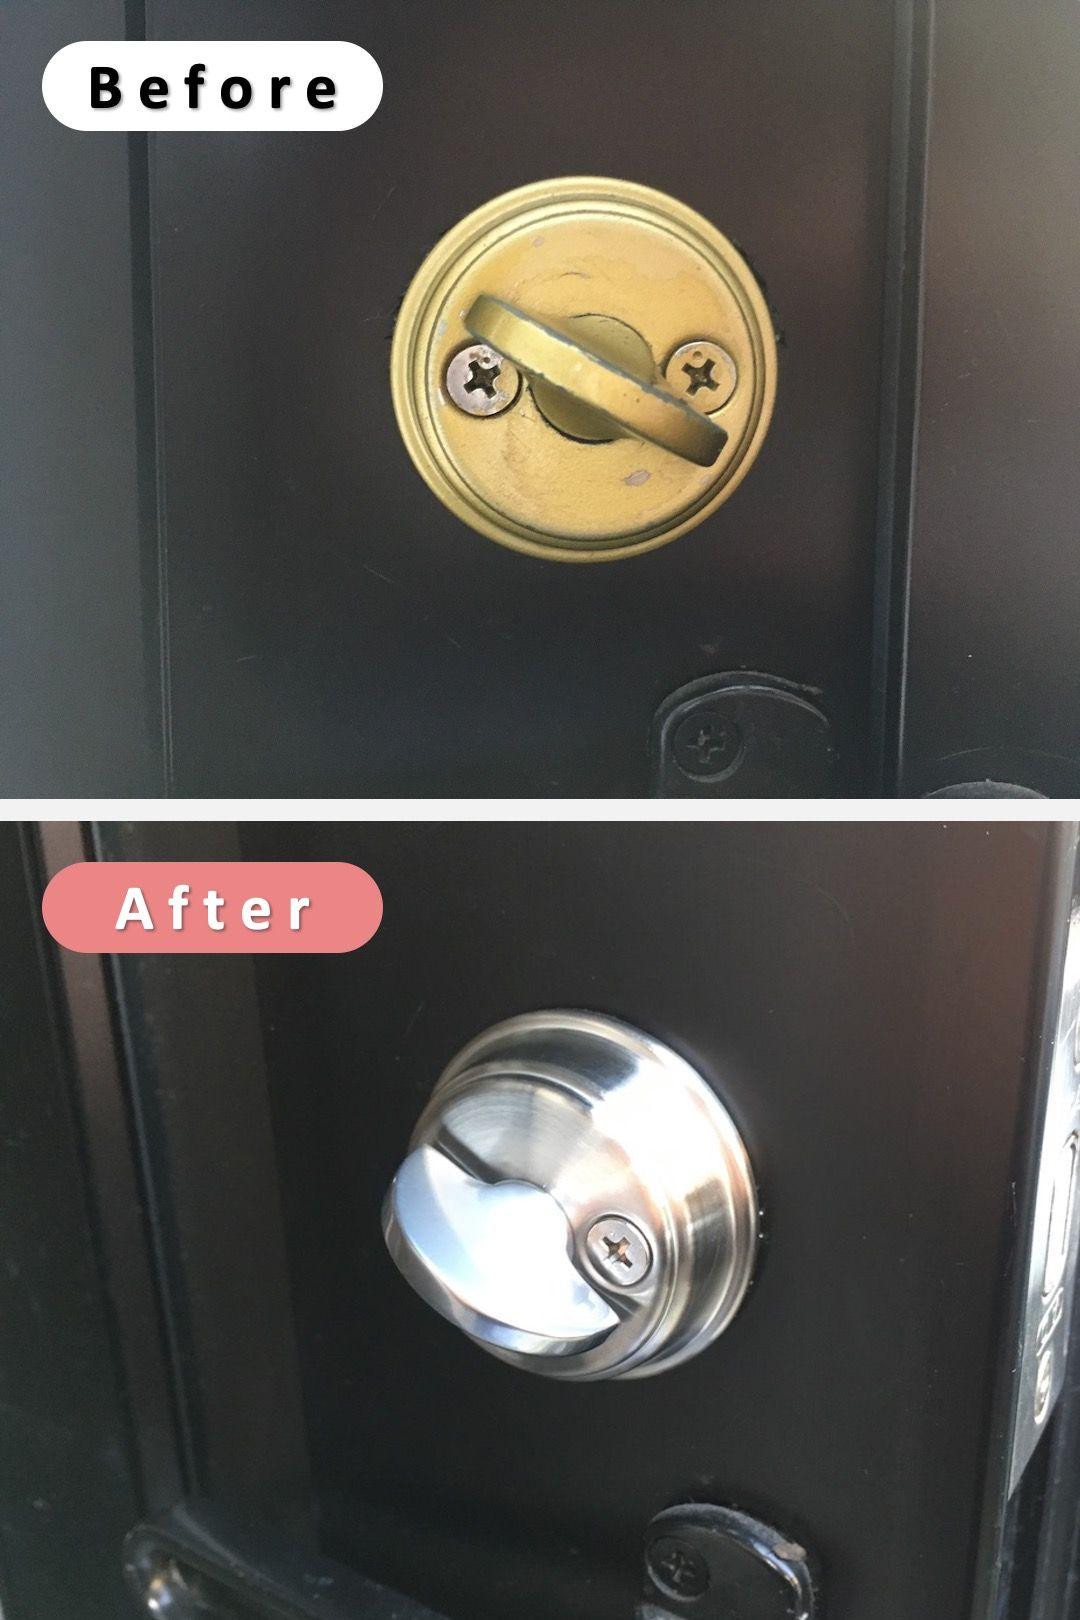 玄関扉の鍵シリンダーを自分で交換する方法 Goal Ad 玄関扉 玄関 鍵